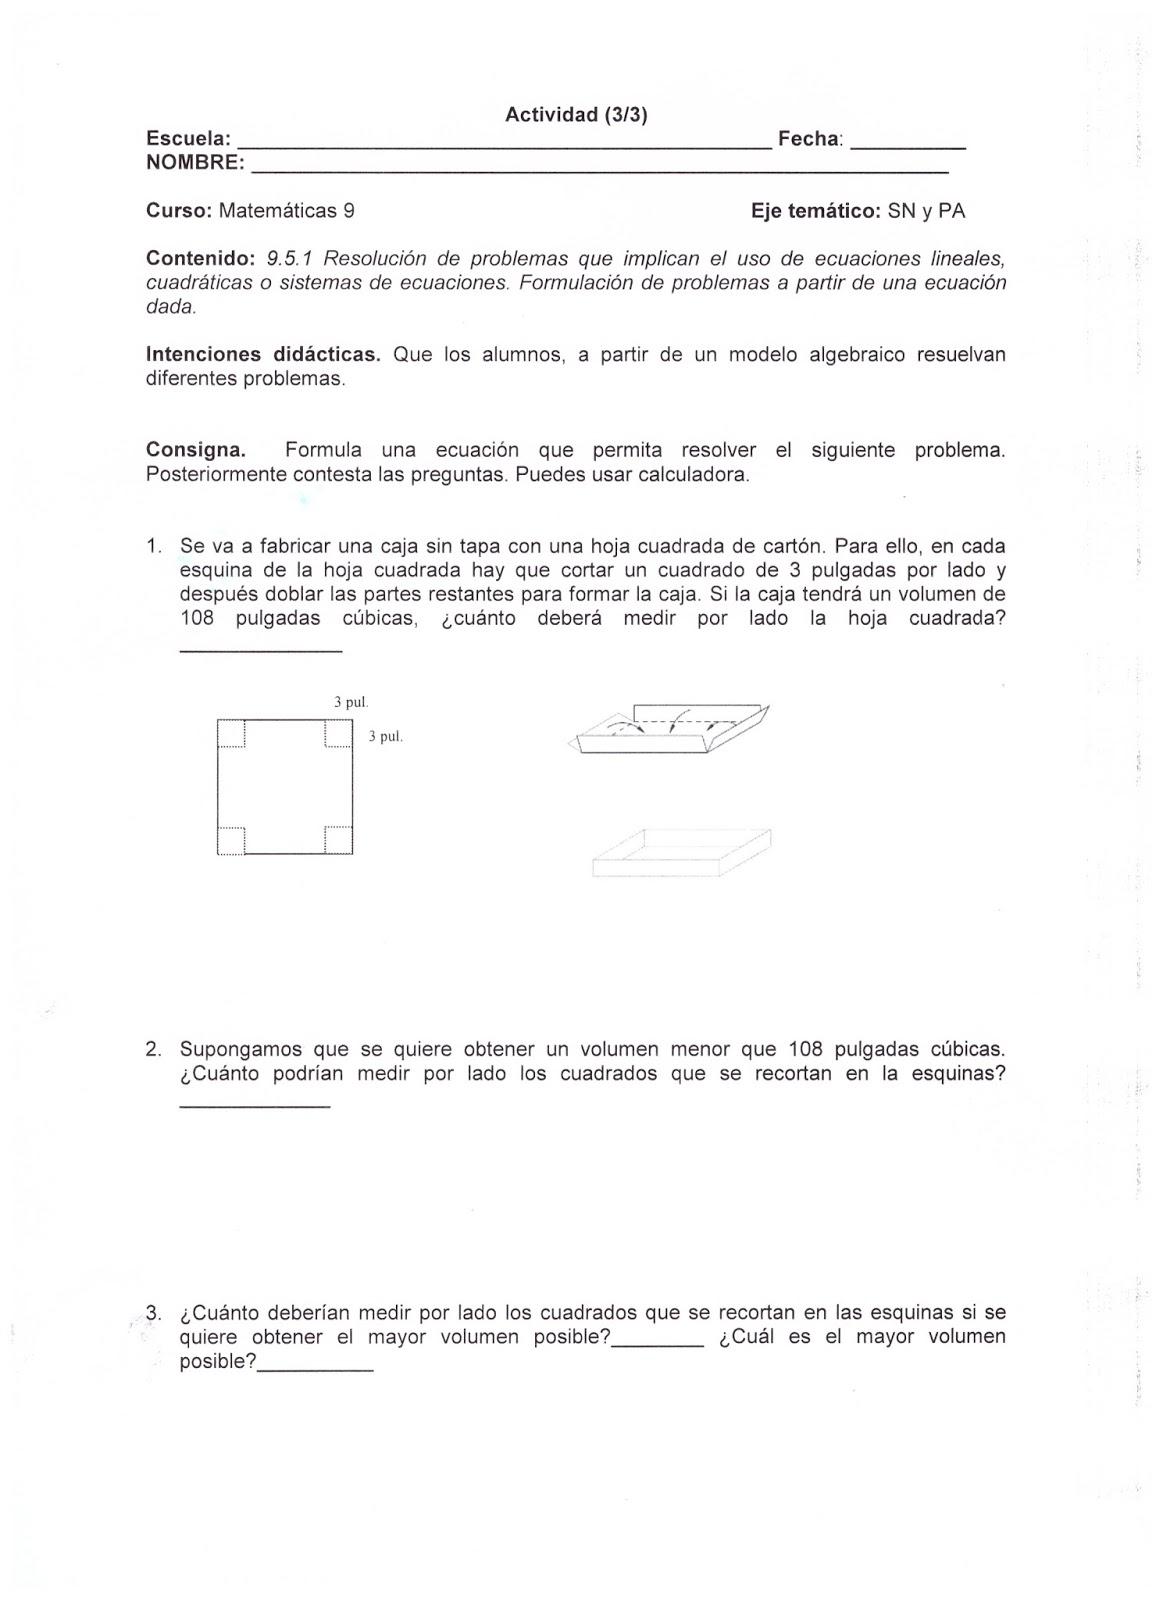 Dorable Ecuaciones Mixtas Hoja De Trabajo Imagen - hojas de trabajo ...